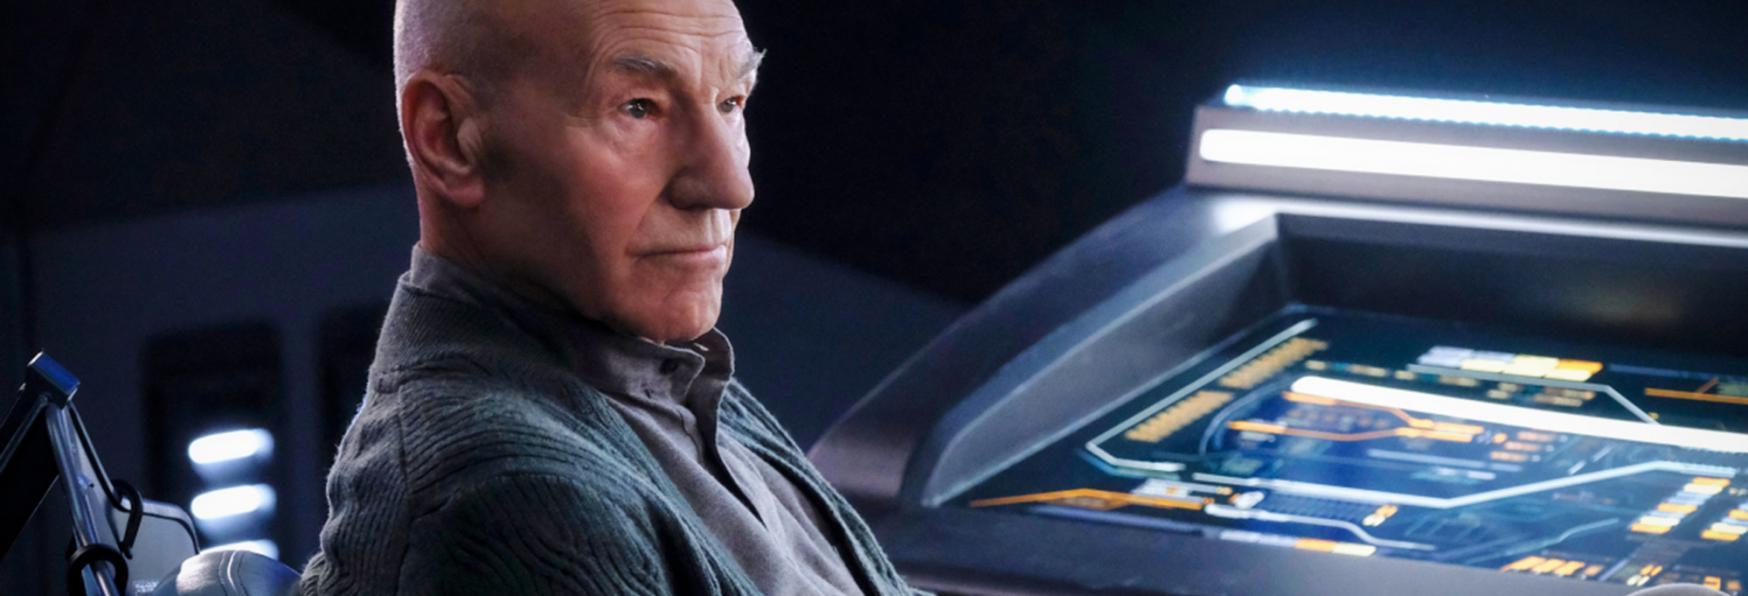 Star Trek: Picard - Michael Chabon, Showrunner della Serie TV, parla di un Particolare Cambiamento